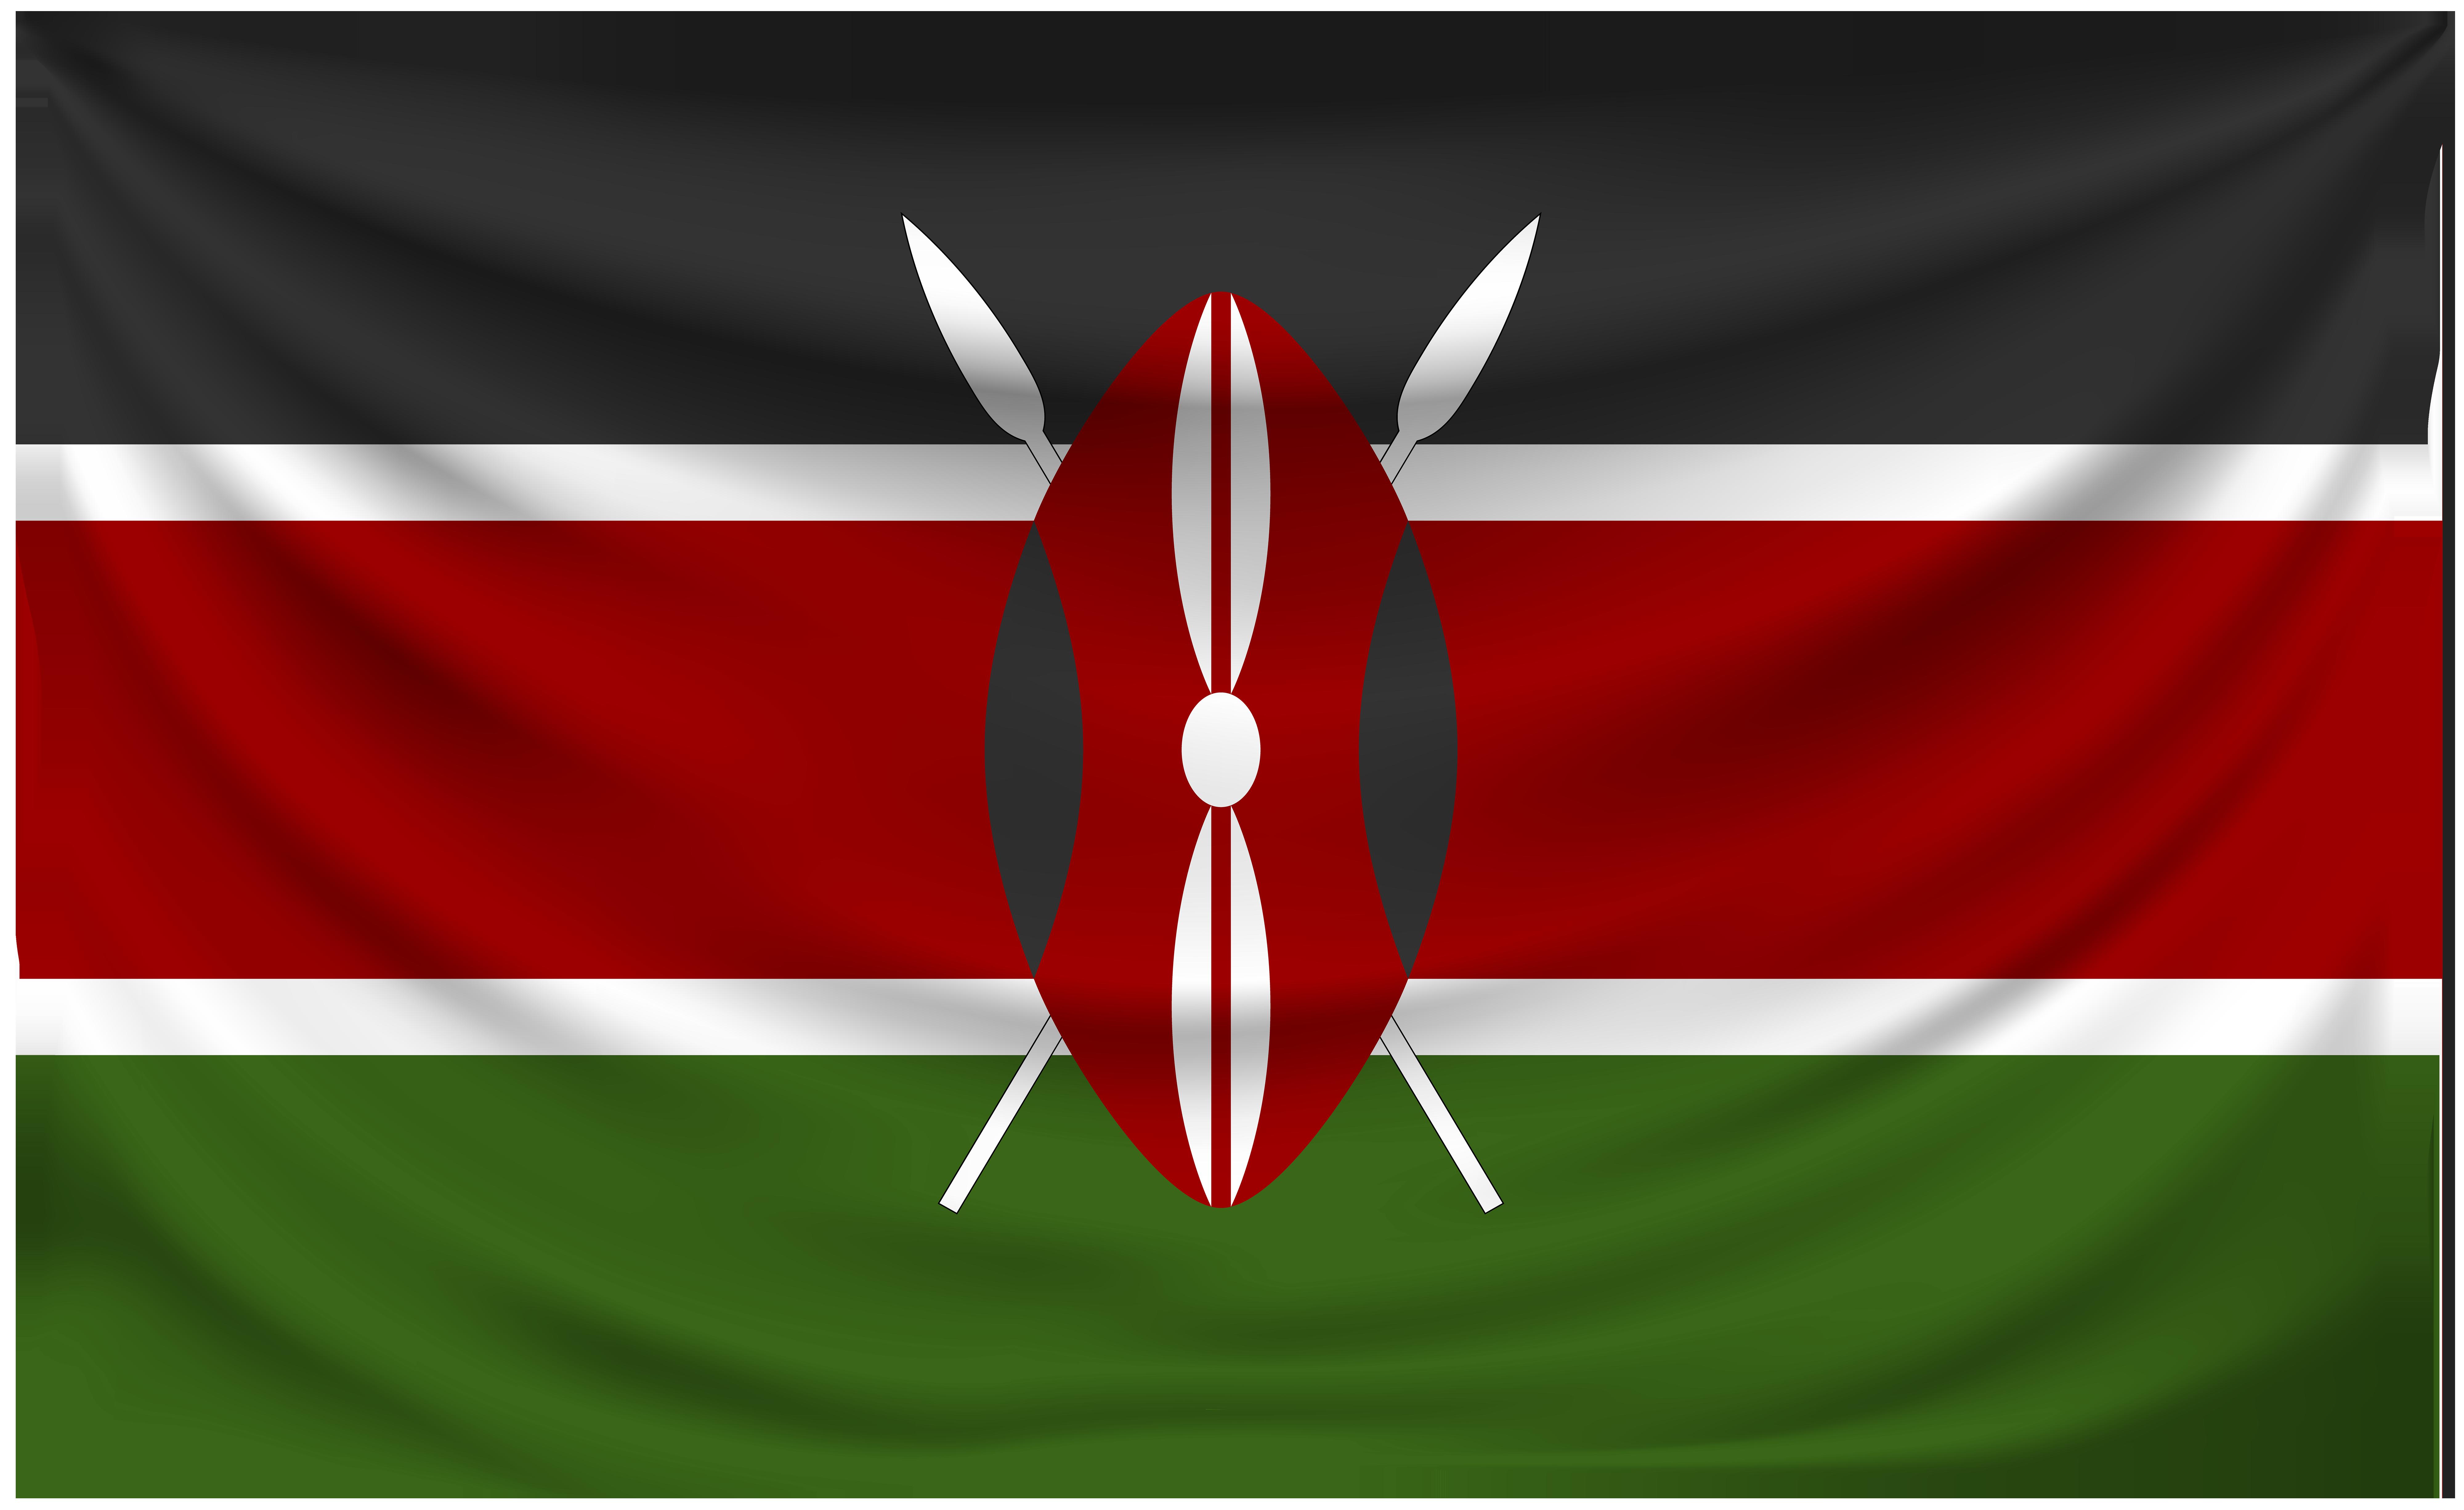 Kenya flag clipart banner black and white stock Kenya Wrinkled Flag   Gallery Yopriceville - High-Quality Images ... banner black and white stock